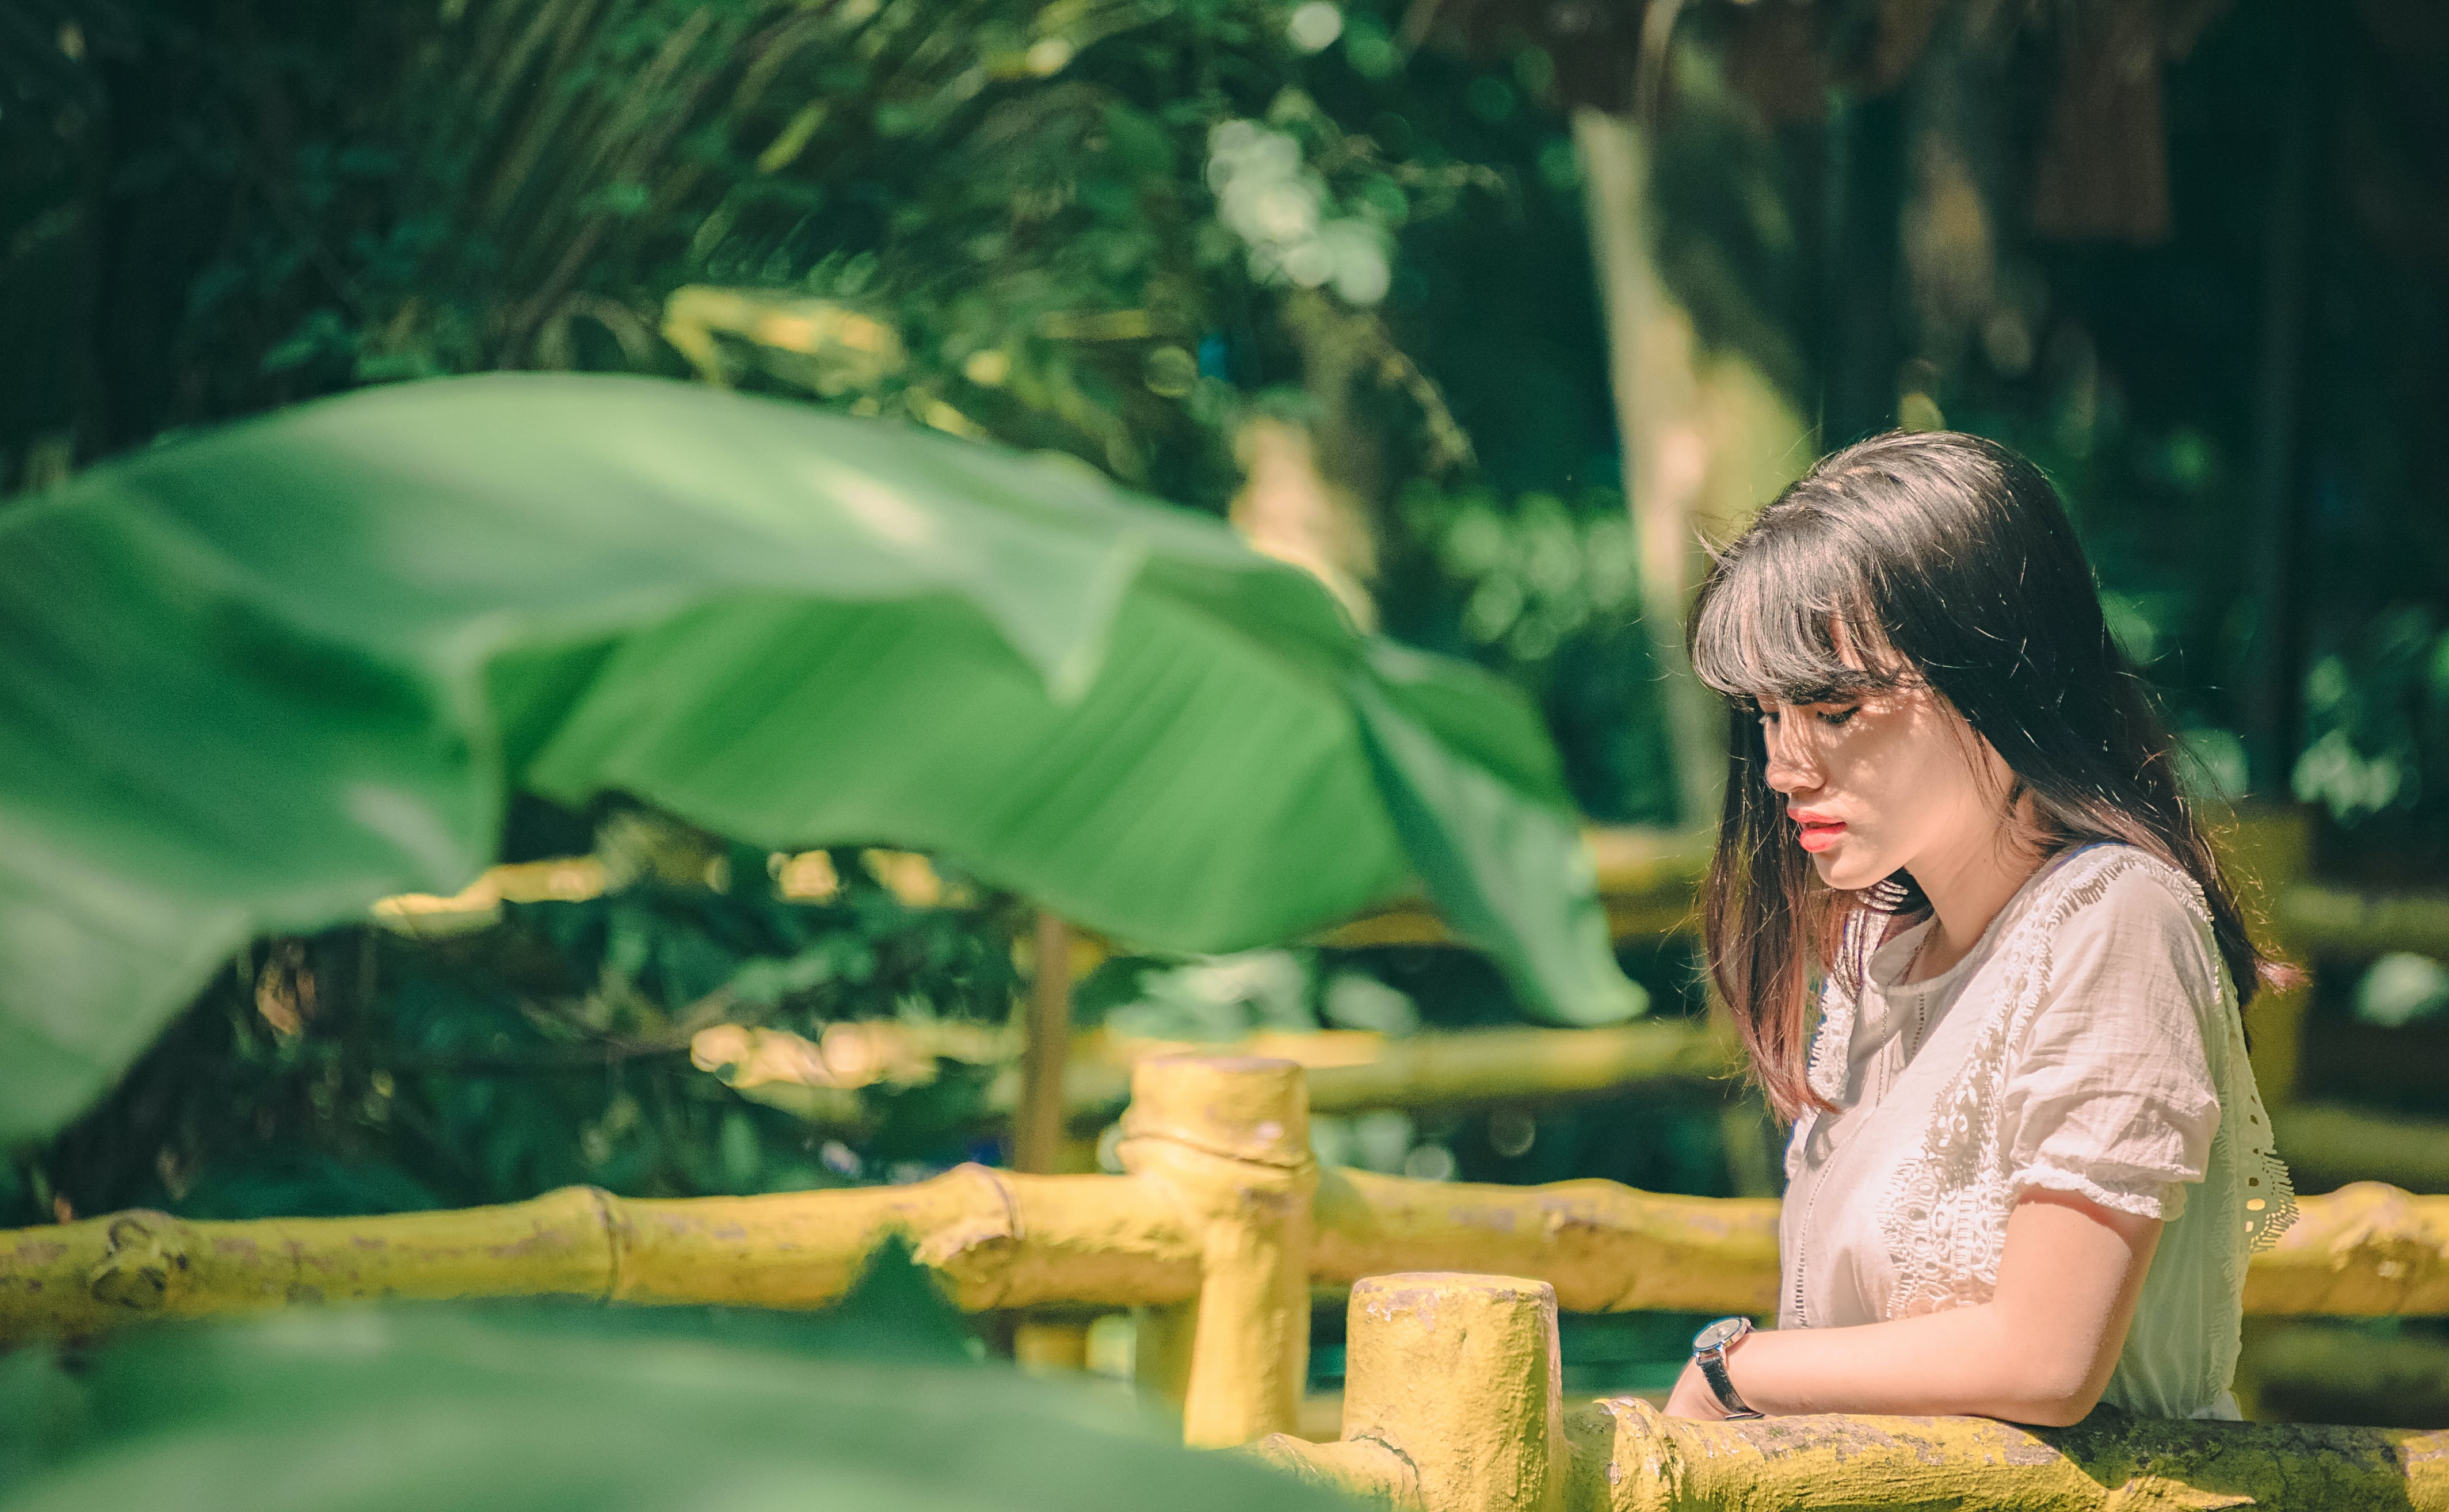 Gratis lagerfoto af ansigtsudtryk, bananblade, dagslys, kvinde